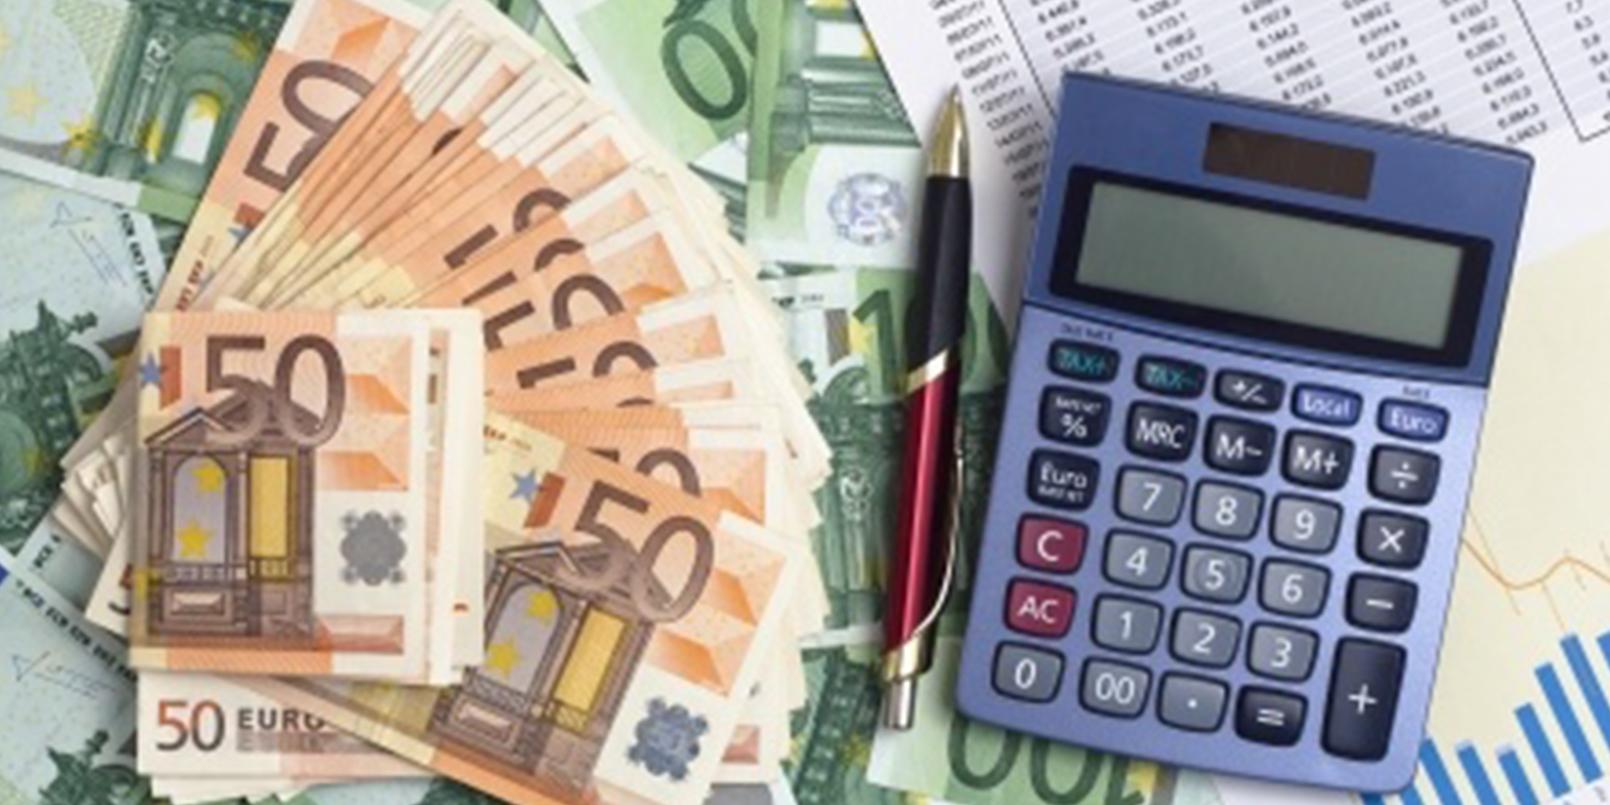 Renta 2016: ¿Cuánto tarda Hacienda en devolver el dinero? | Sala de prensa Grupo Asesor ADADE y E-Consulting Global Group